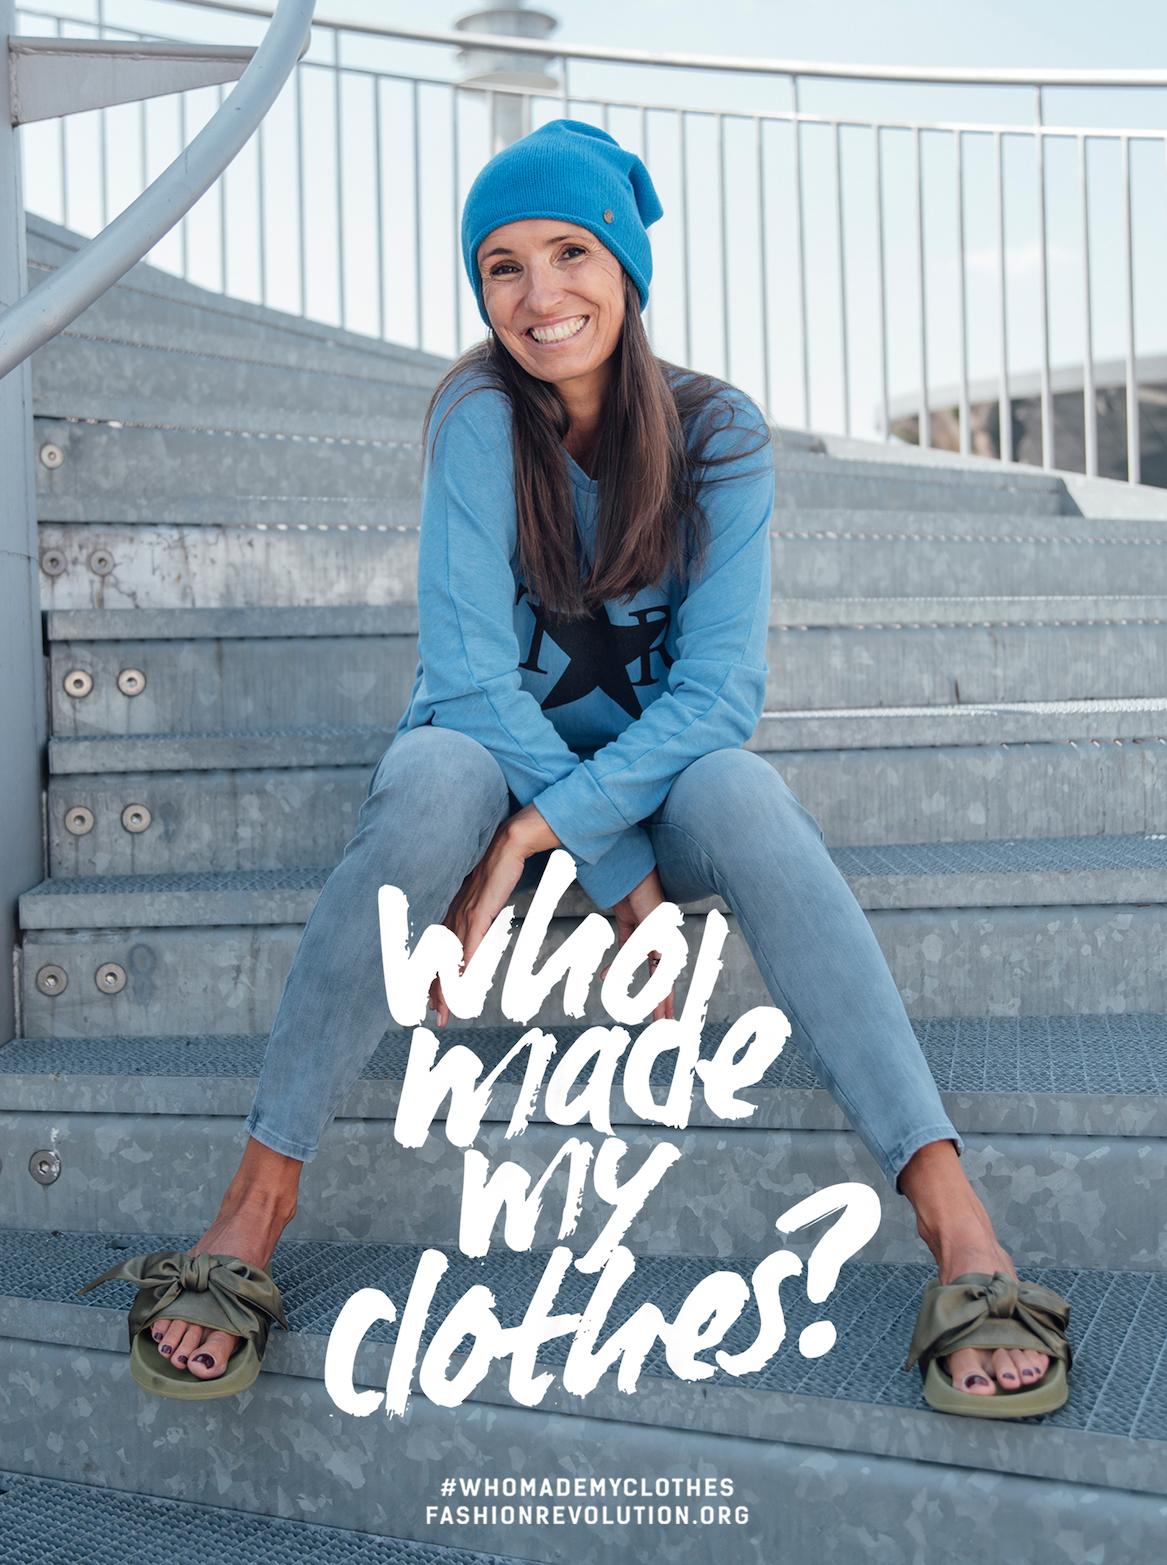 #whomademyclothes Fashionrevolution.org Blog für nachhaltige Mode. Beate Finken Bloggerin Mode für Frauen ab 40 und ab 50.  FASHION REVOLUTION  GERMANY